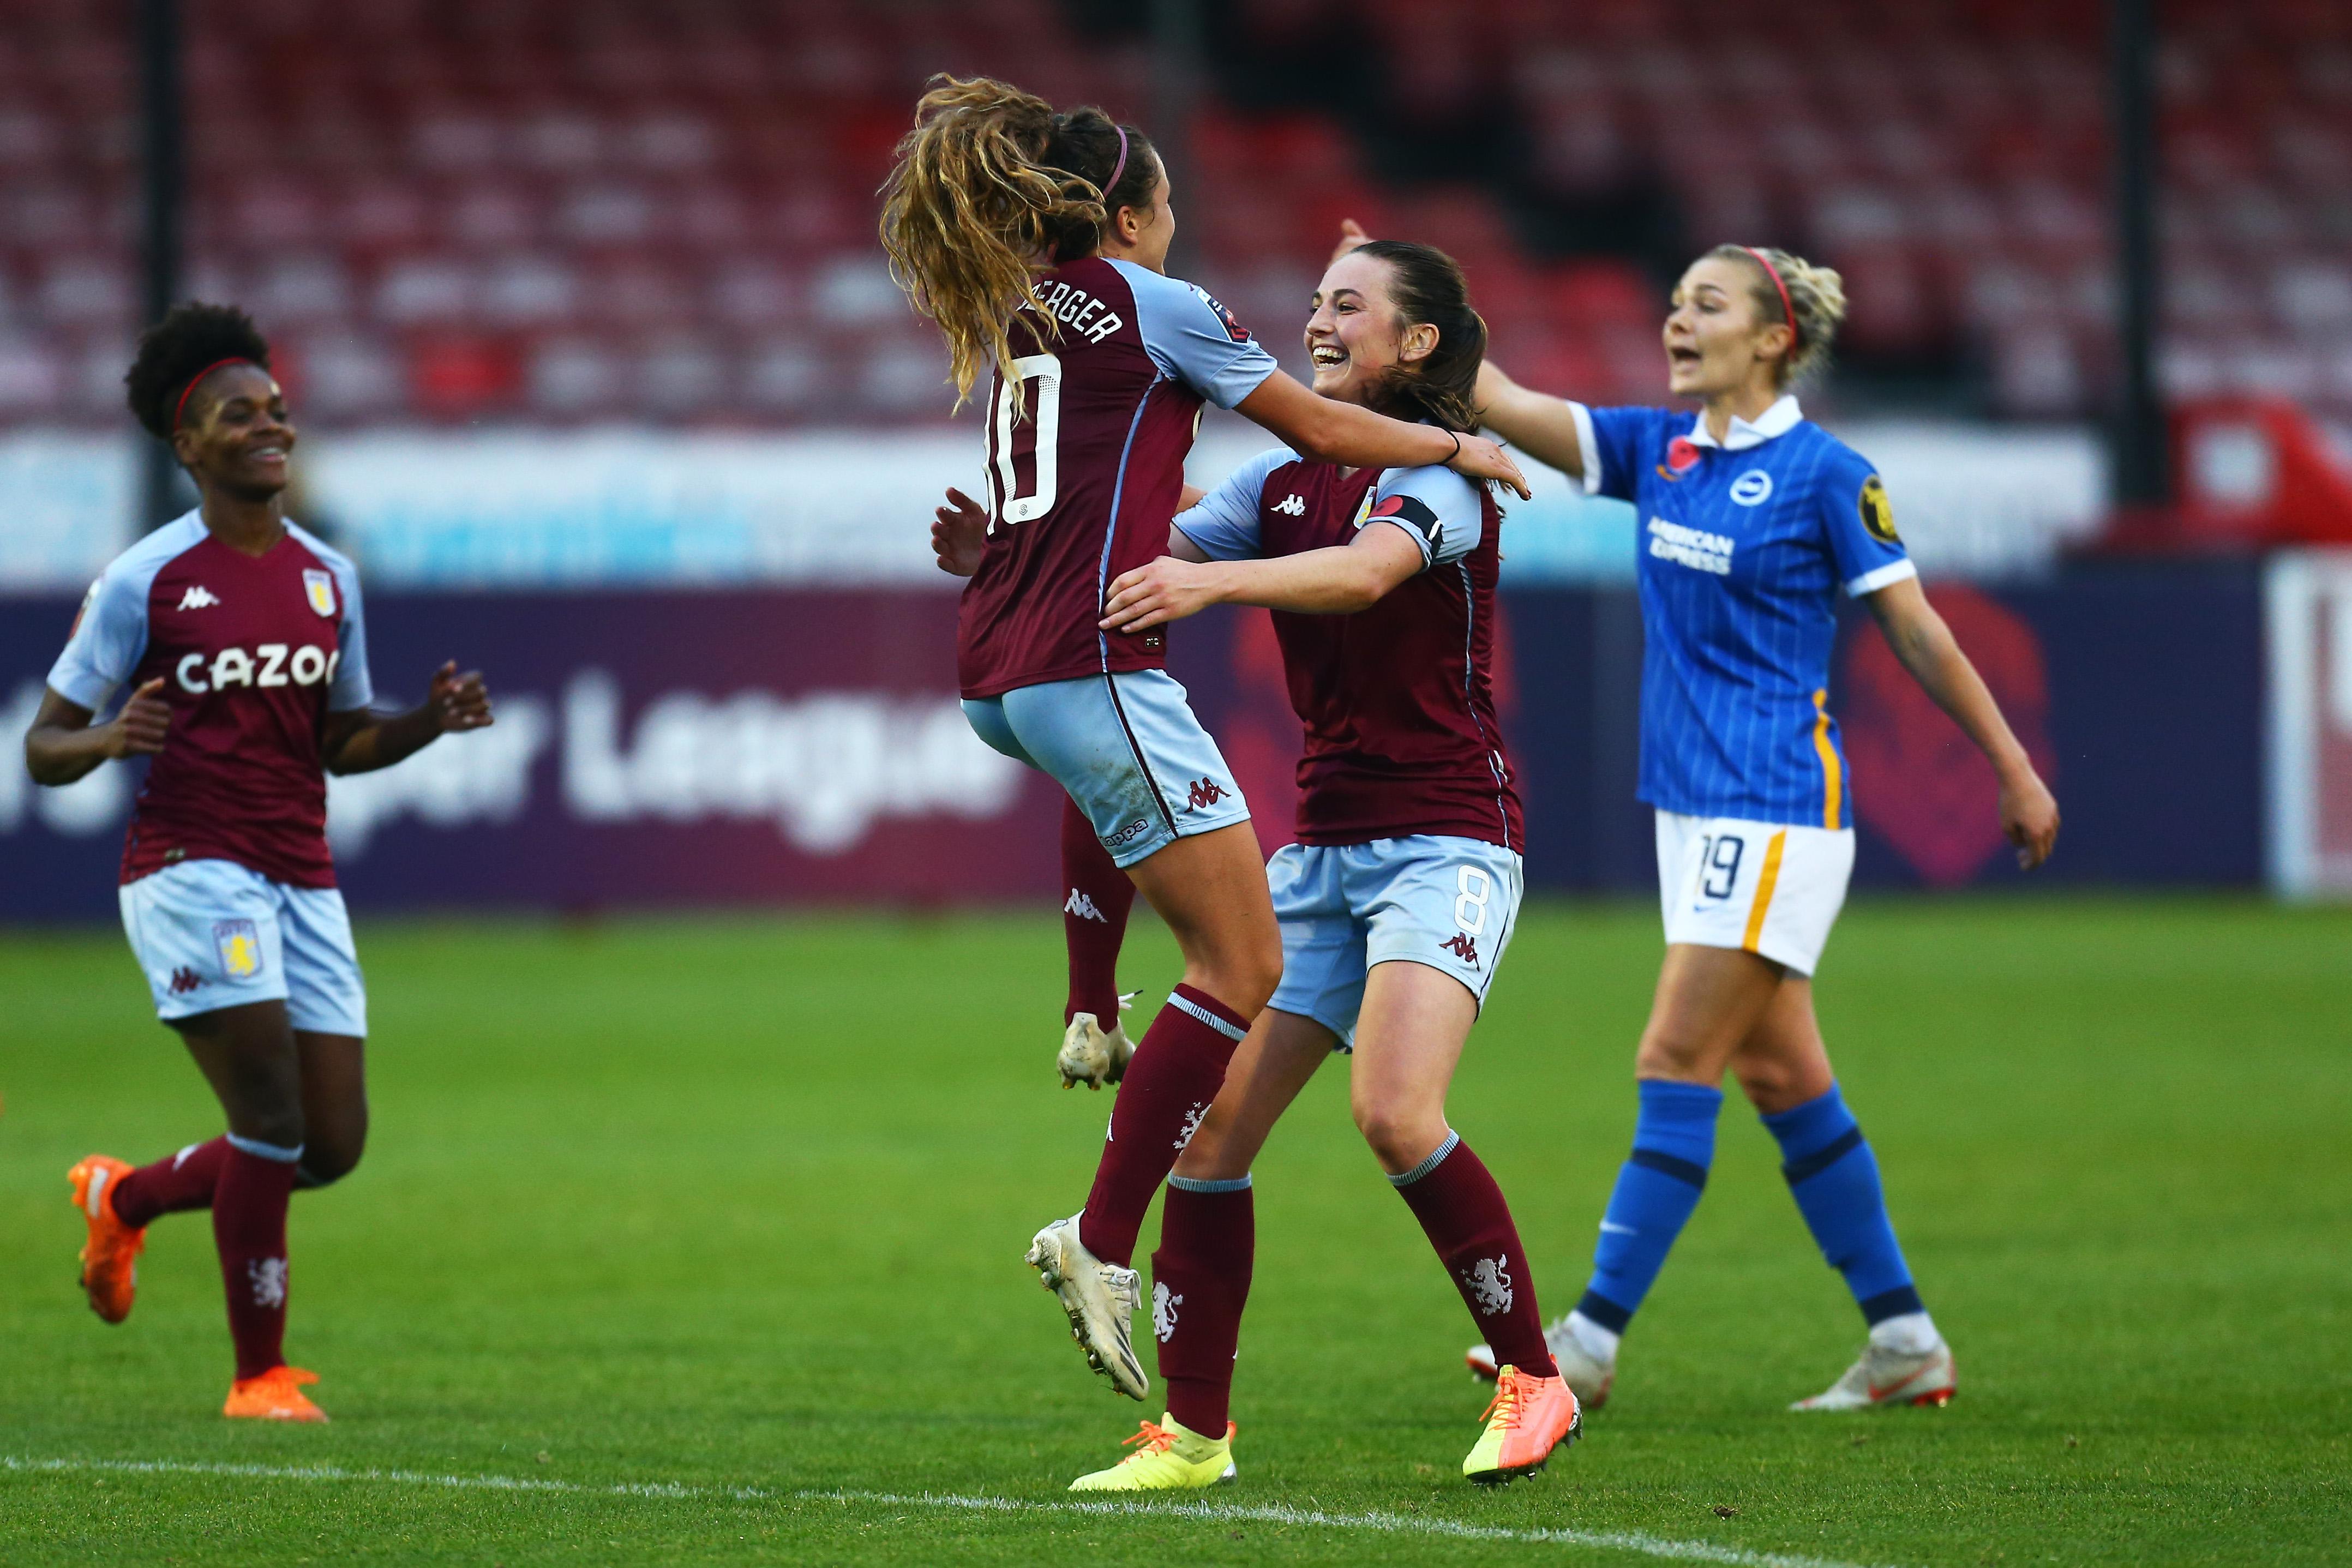 Brighton & Hove Albion Women v Aston Villa Women - Barclays FA Women's Super League